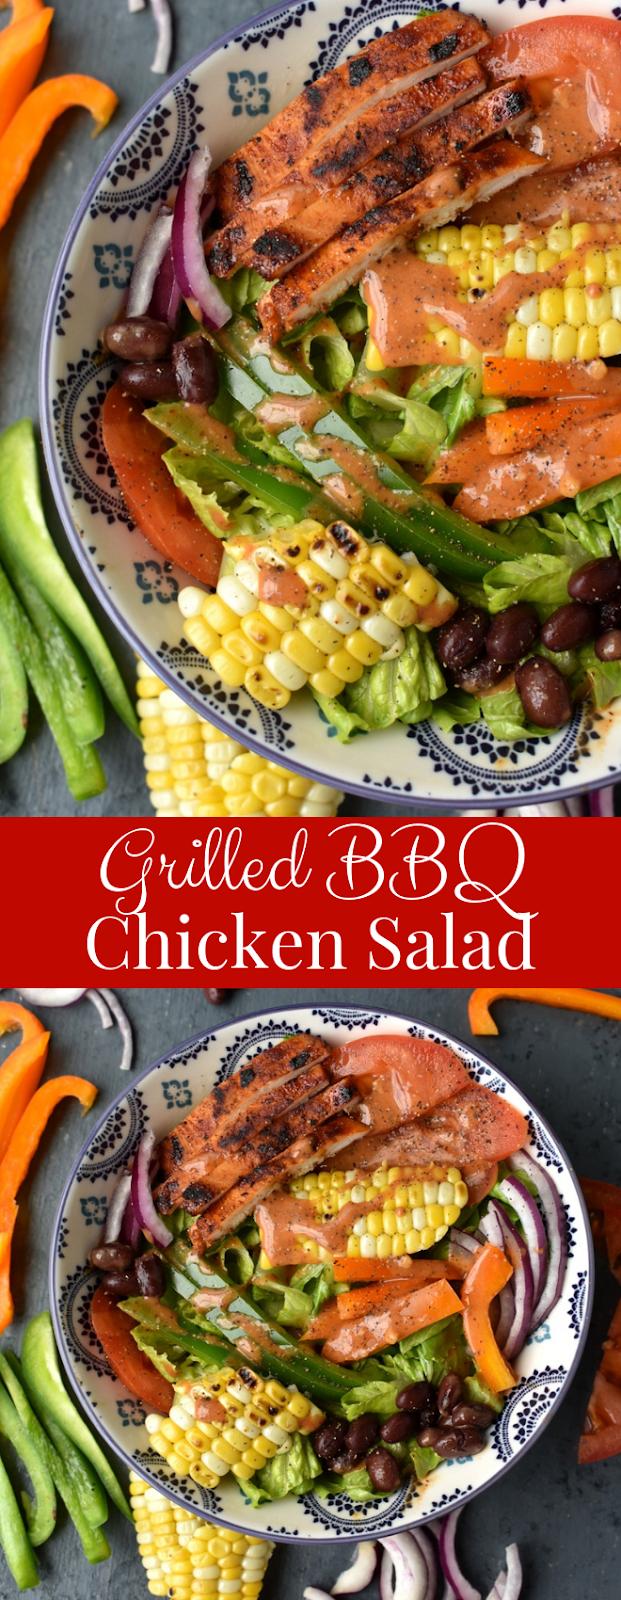 Grilled BBQ Chicken Salad recipe